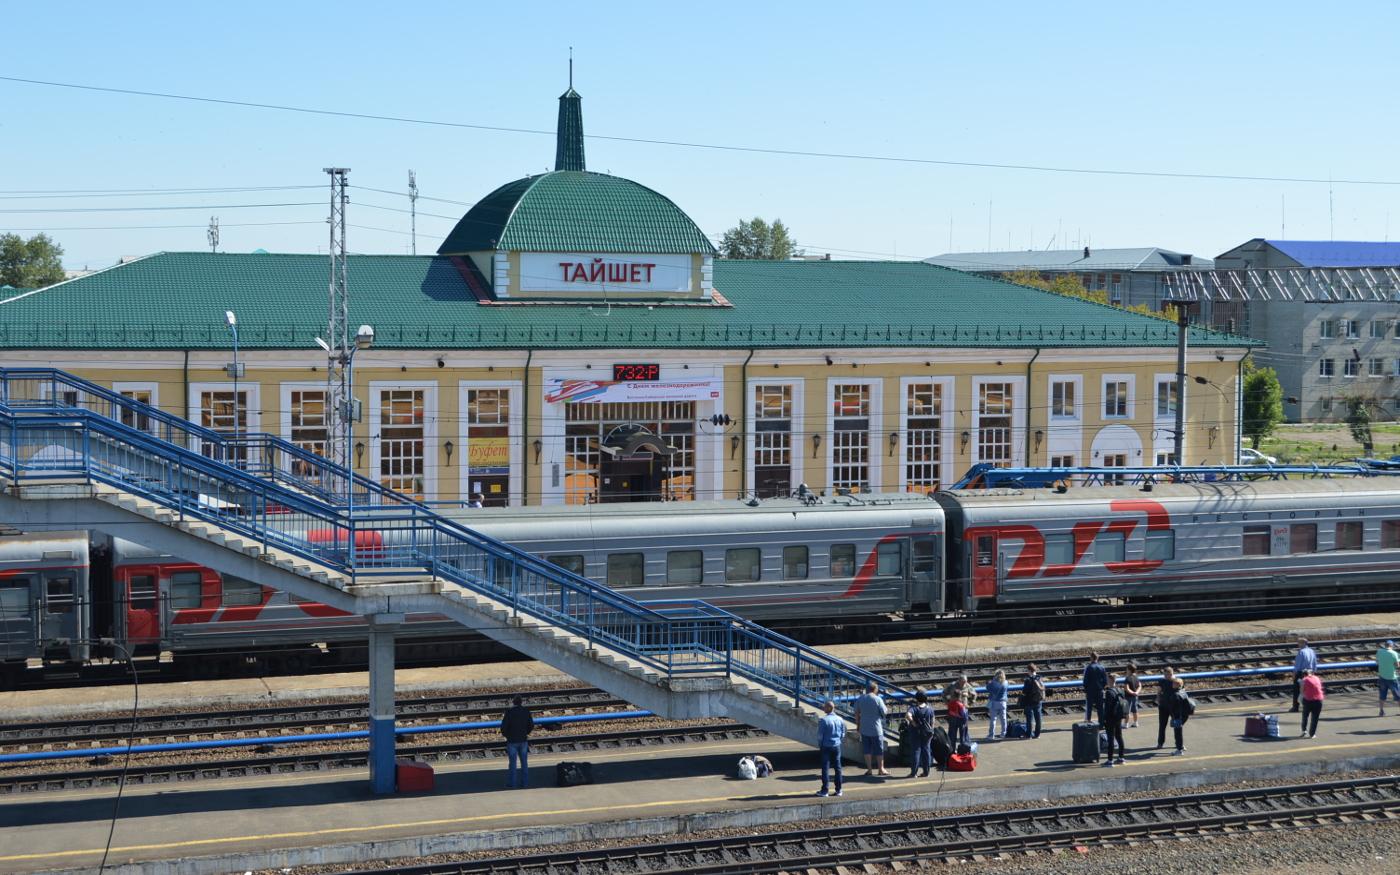 Dworzec kolejowy w Tajszecie